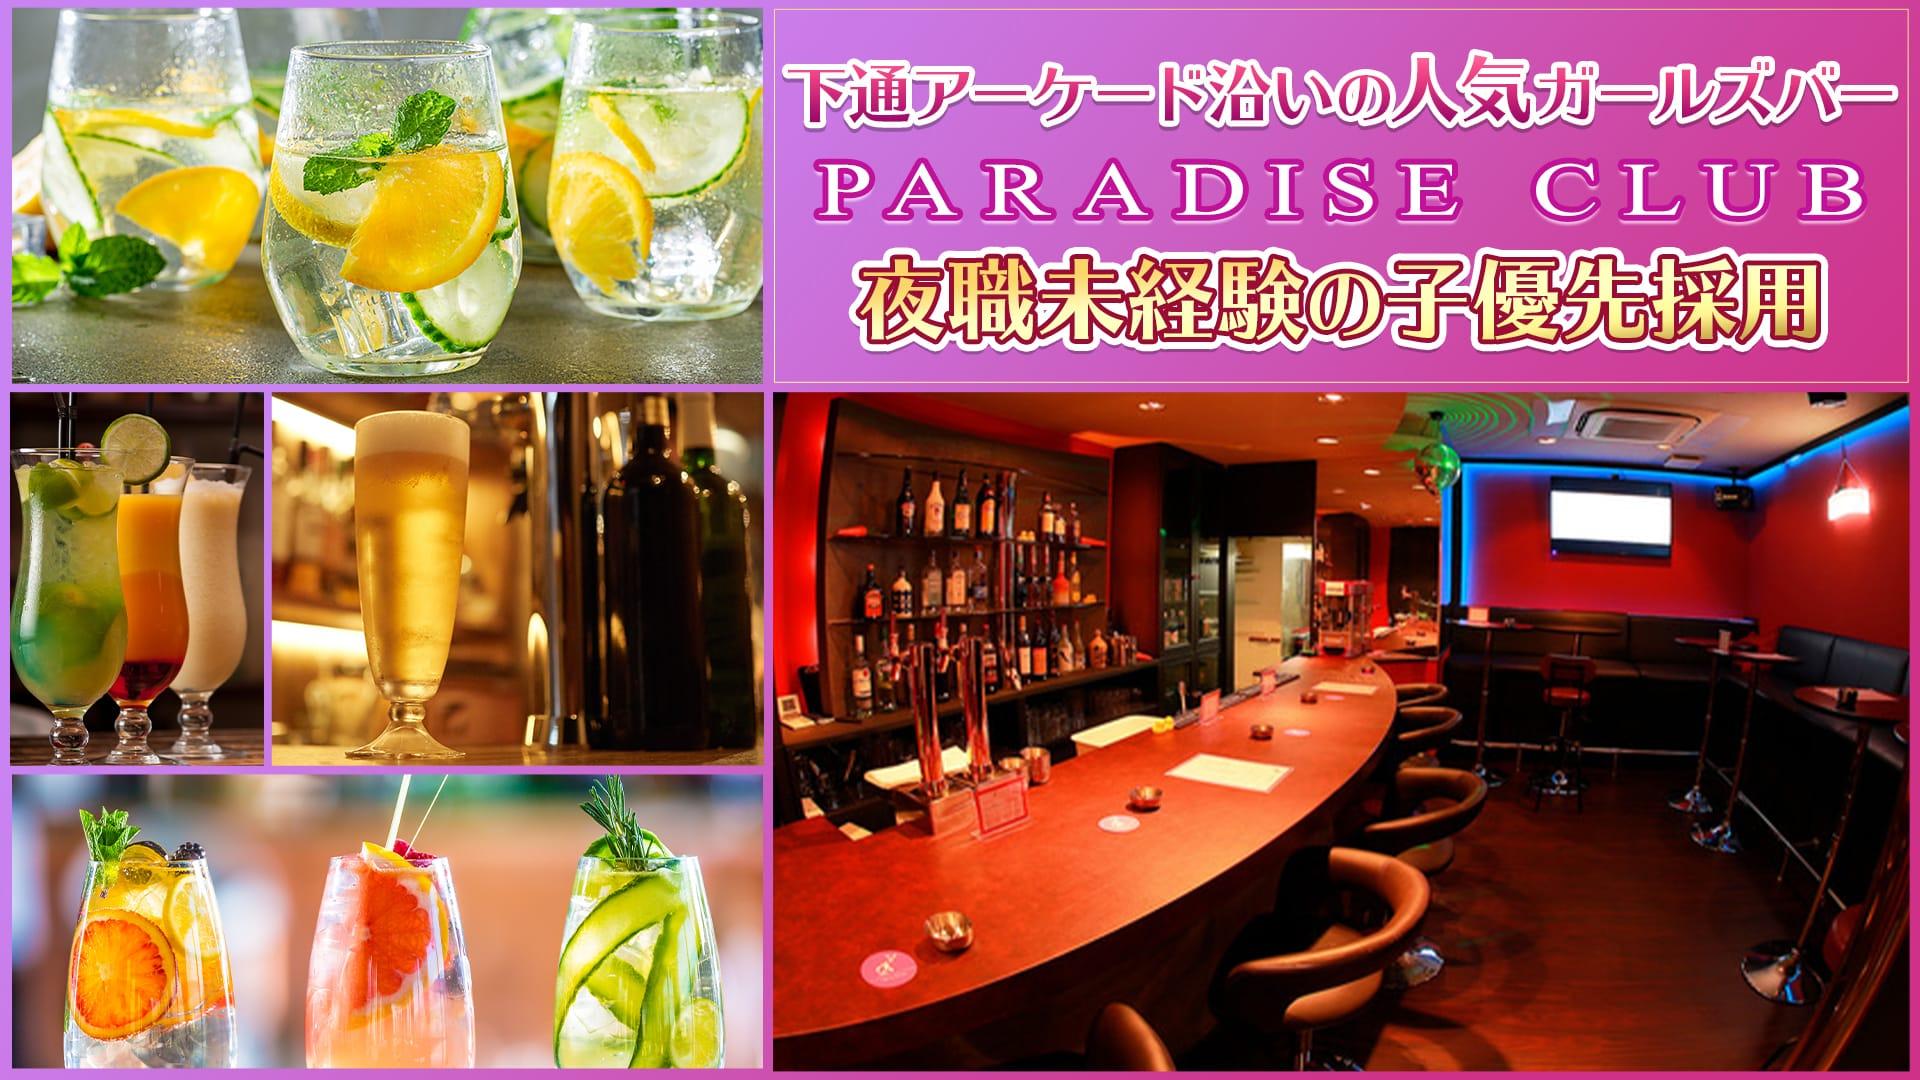 PARADISE CLUB(パラダイスクラブ) 新市街ガールズバー TOP画像